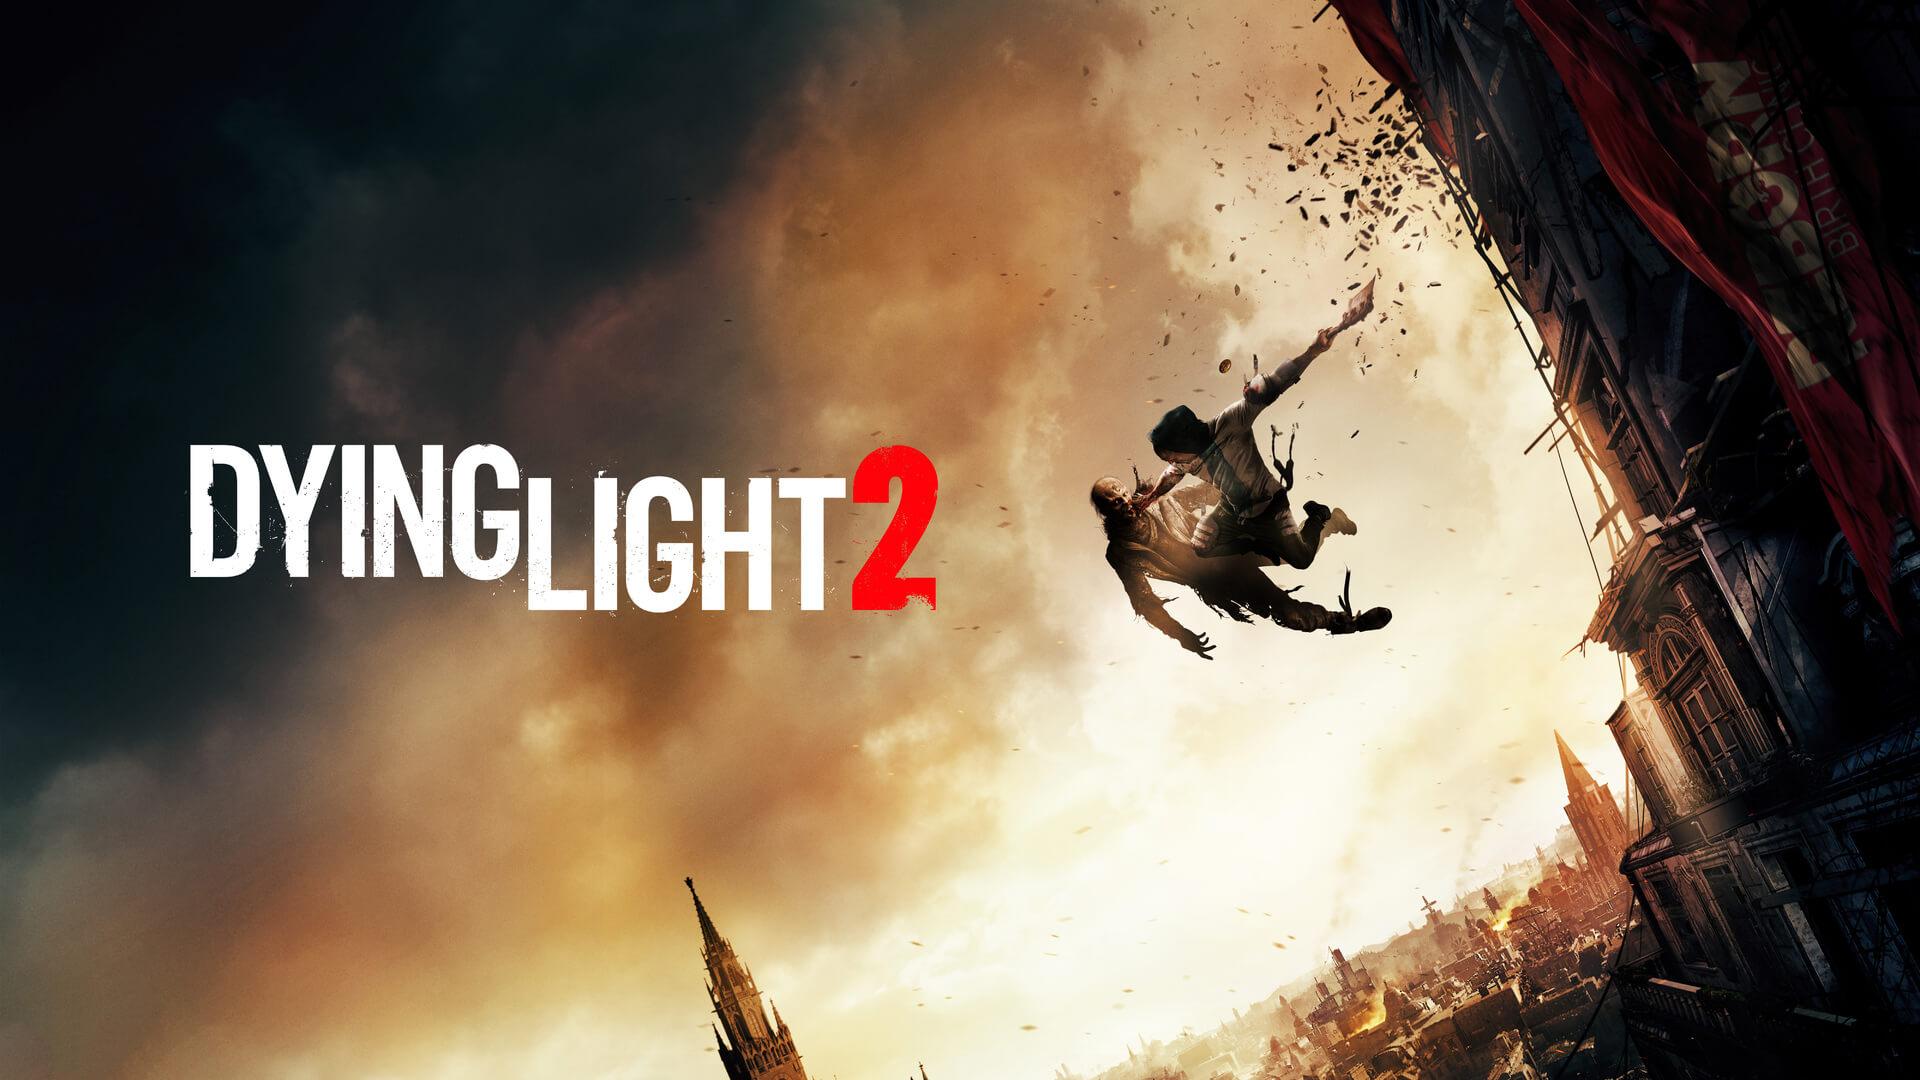 پیشرفتهای Dying Light 2 نسبت به نسخه پیشین